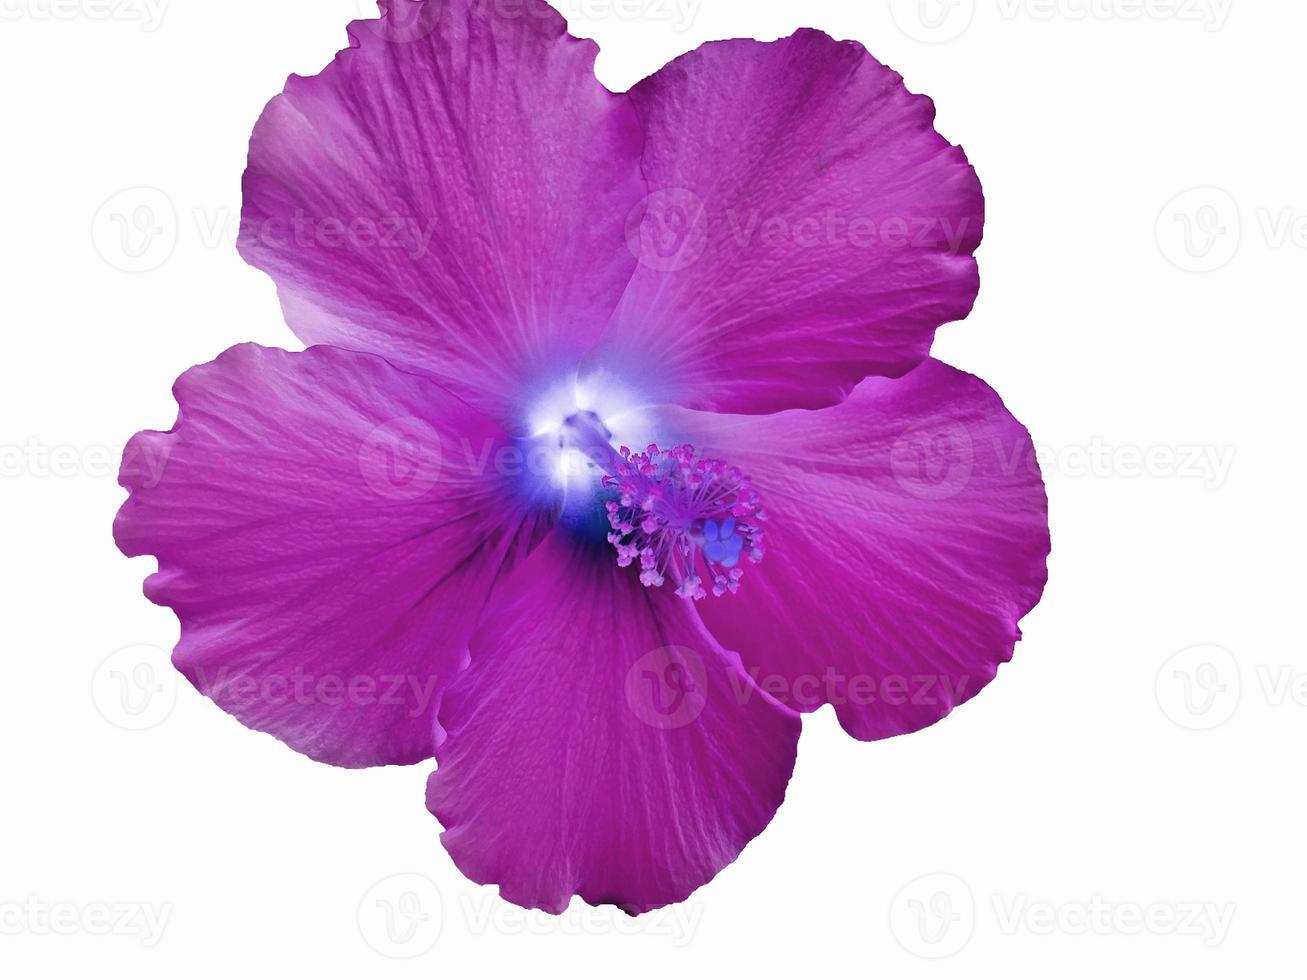 Colorfull Magenta Hawaiian Hibiscus Flower photo